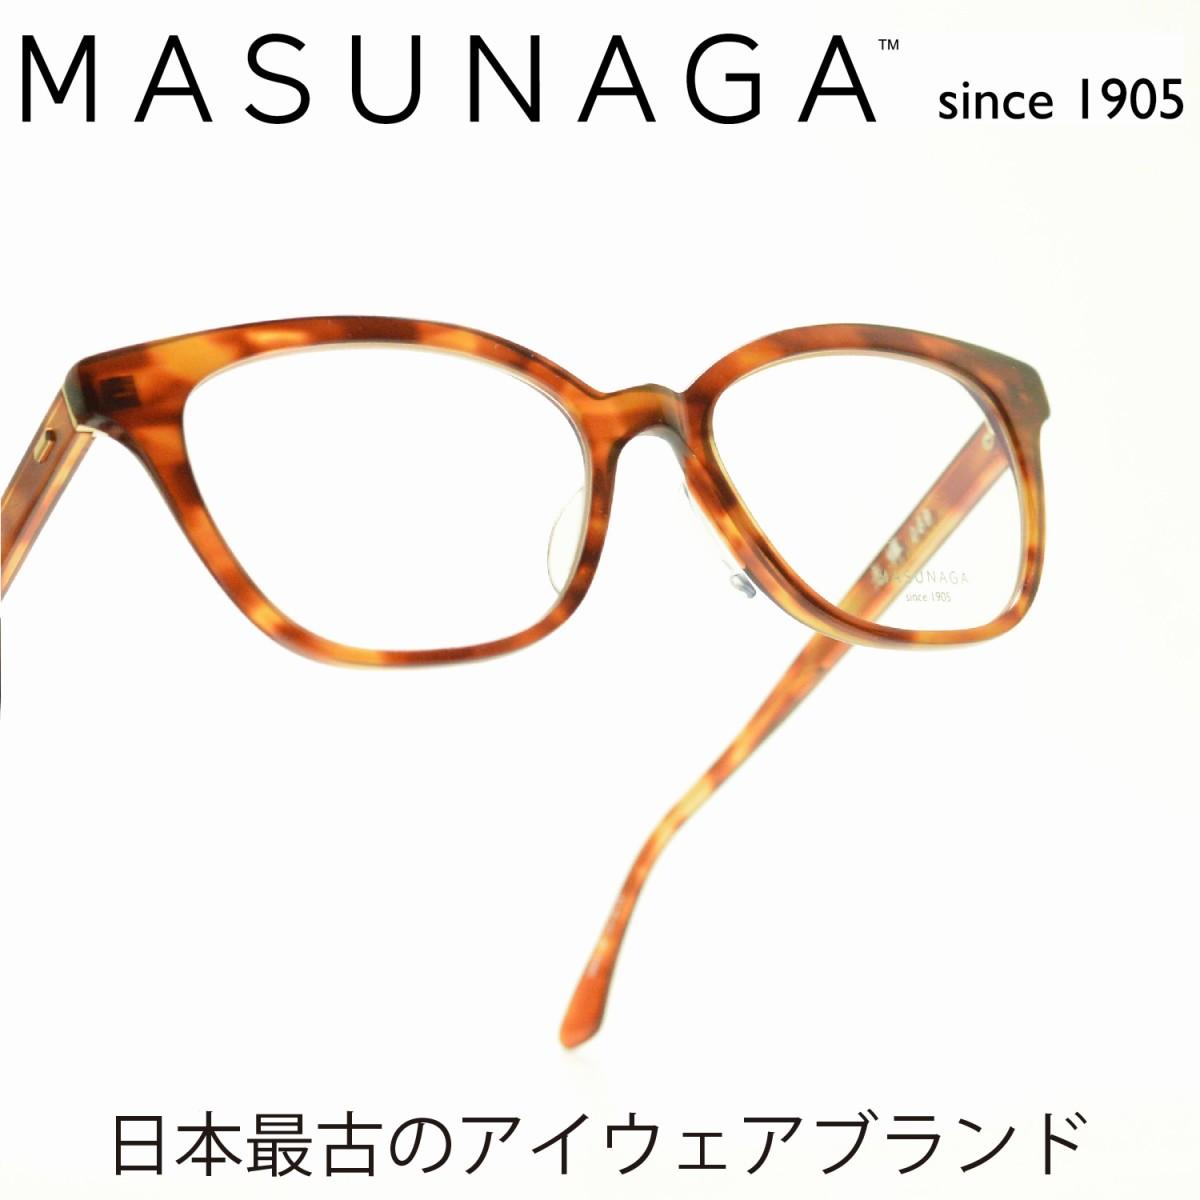 増永眼鏡 MASUNAGA 光輝 069 col-13 DEMIメガネ 眼鏡 めがね メンズ レディース おしゃれ ブランド 人気 おすすめ フレーム 流行り 度付き レンズ